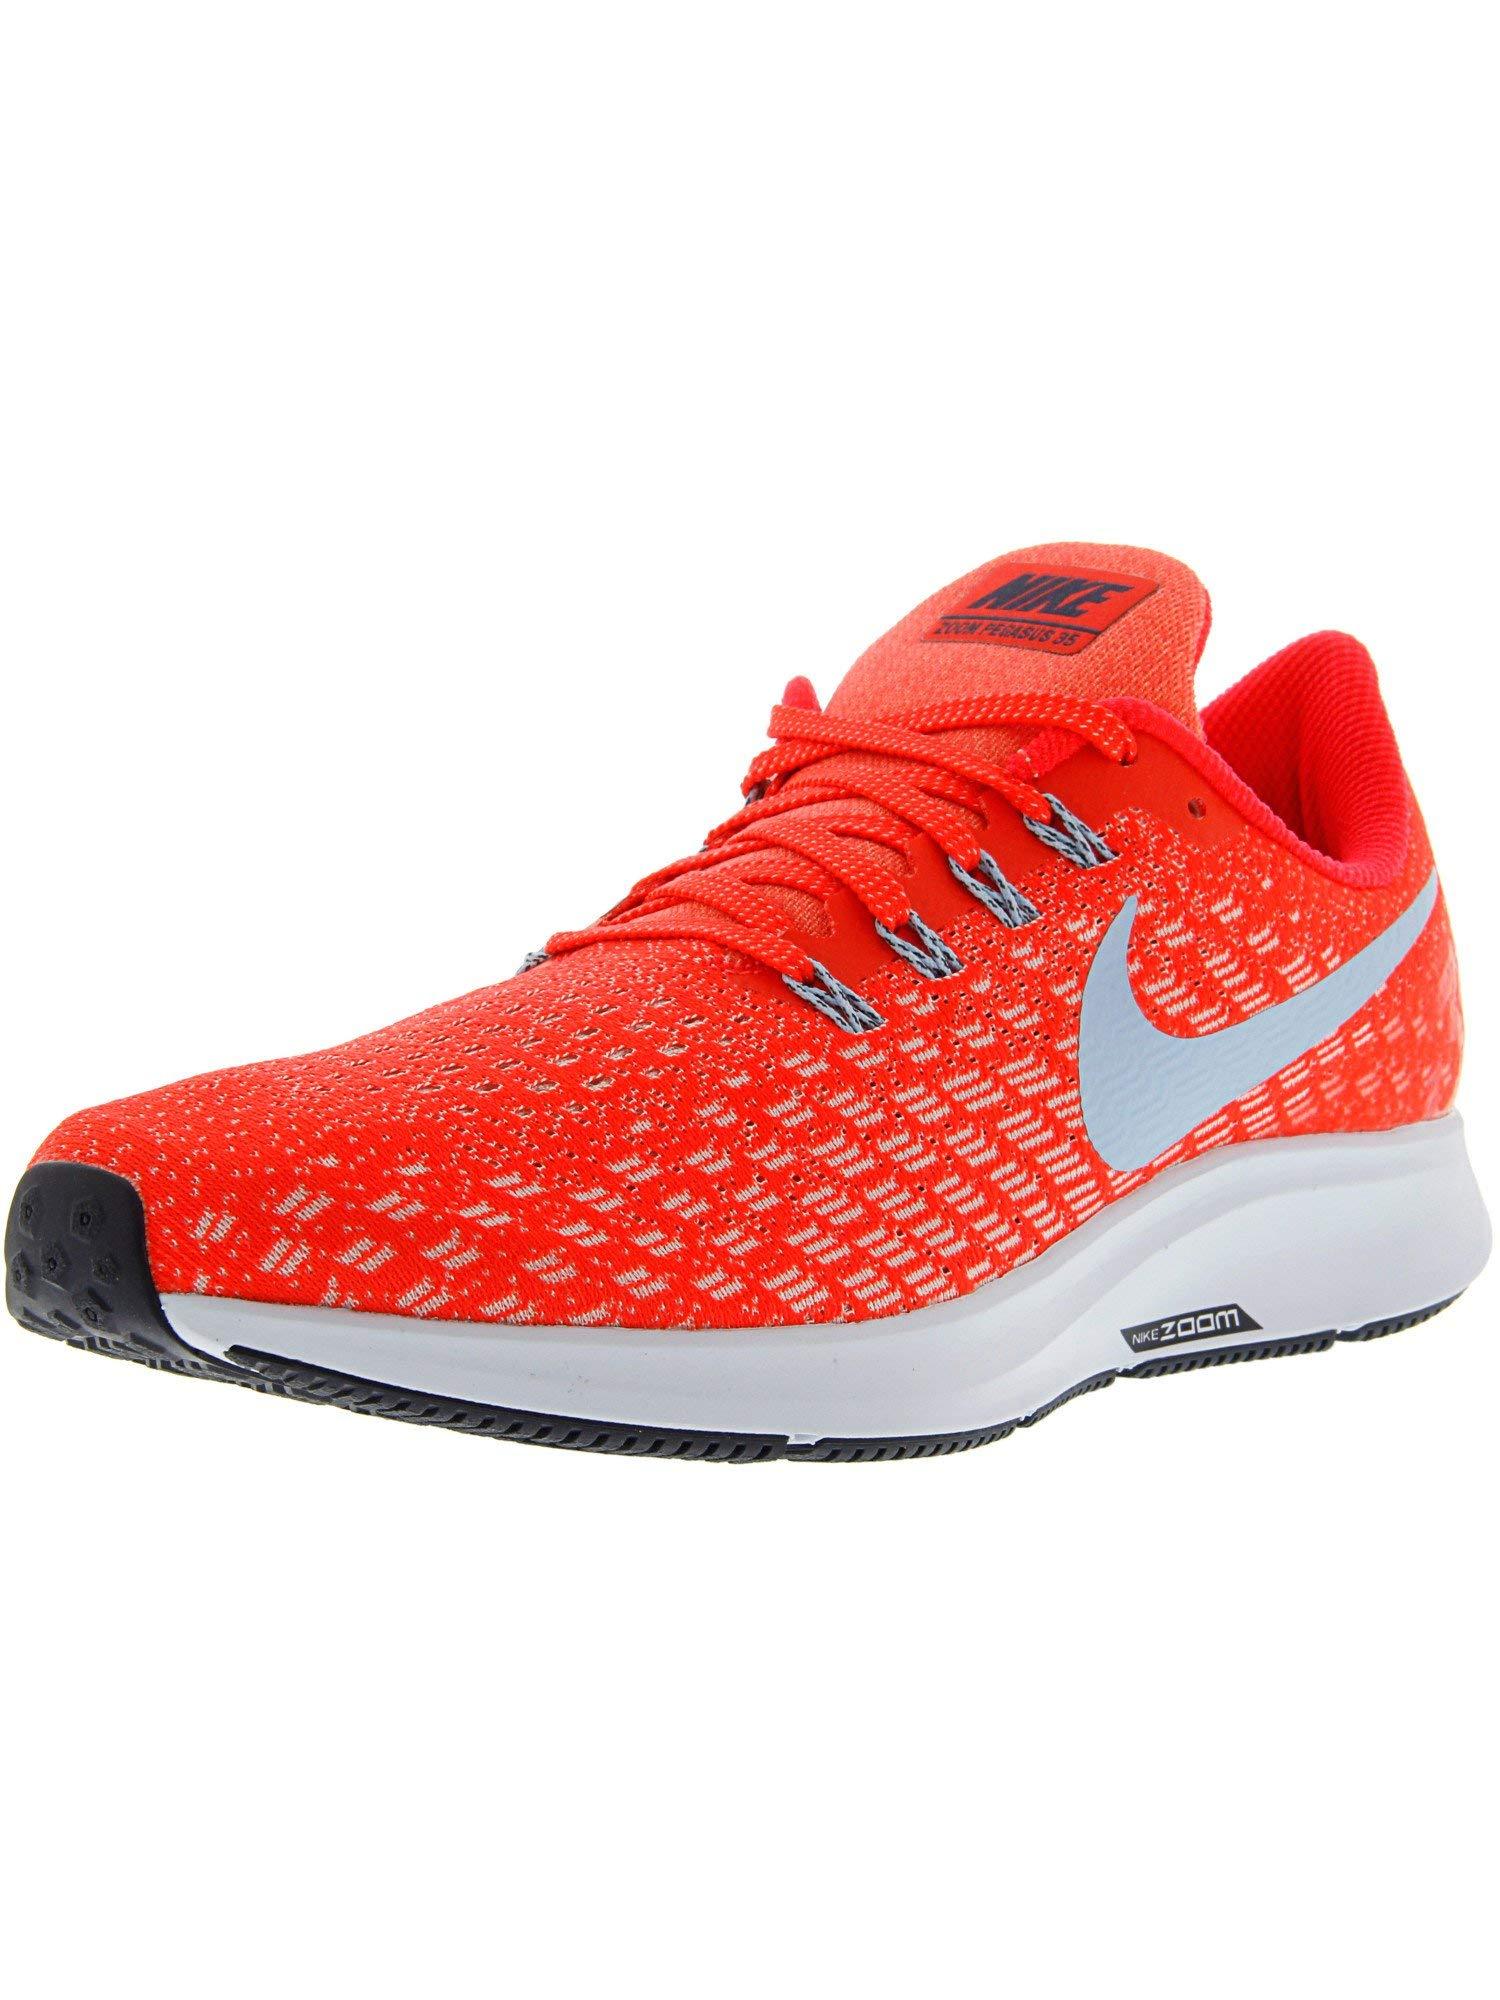 Nike Air Zoom Pegasus 35 Bright Crimson Ice Blue 942851 600